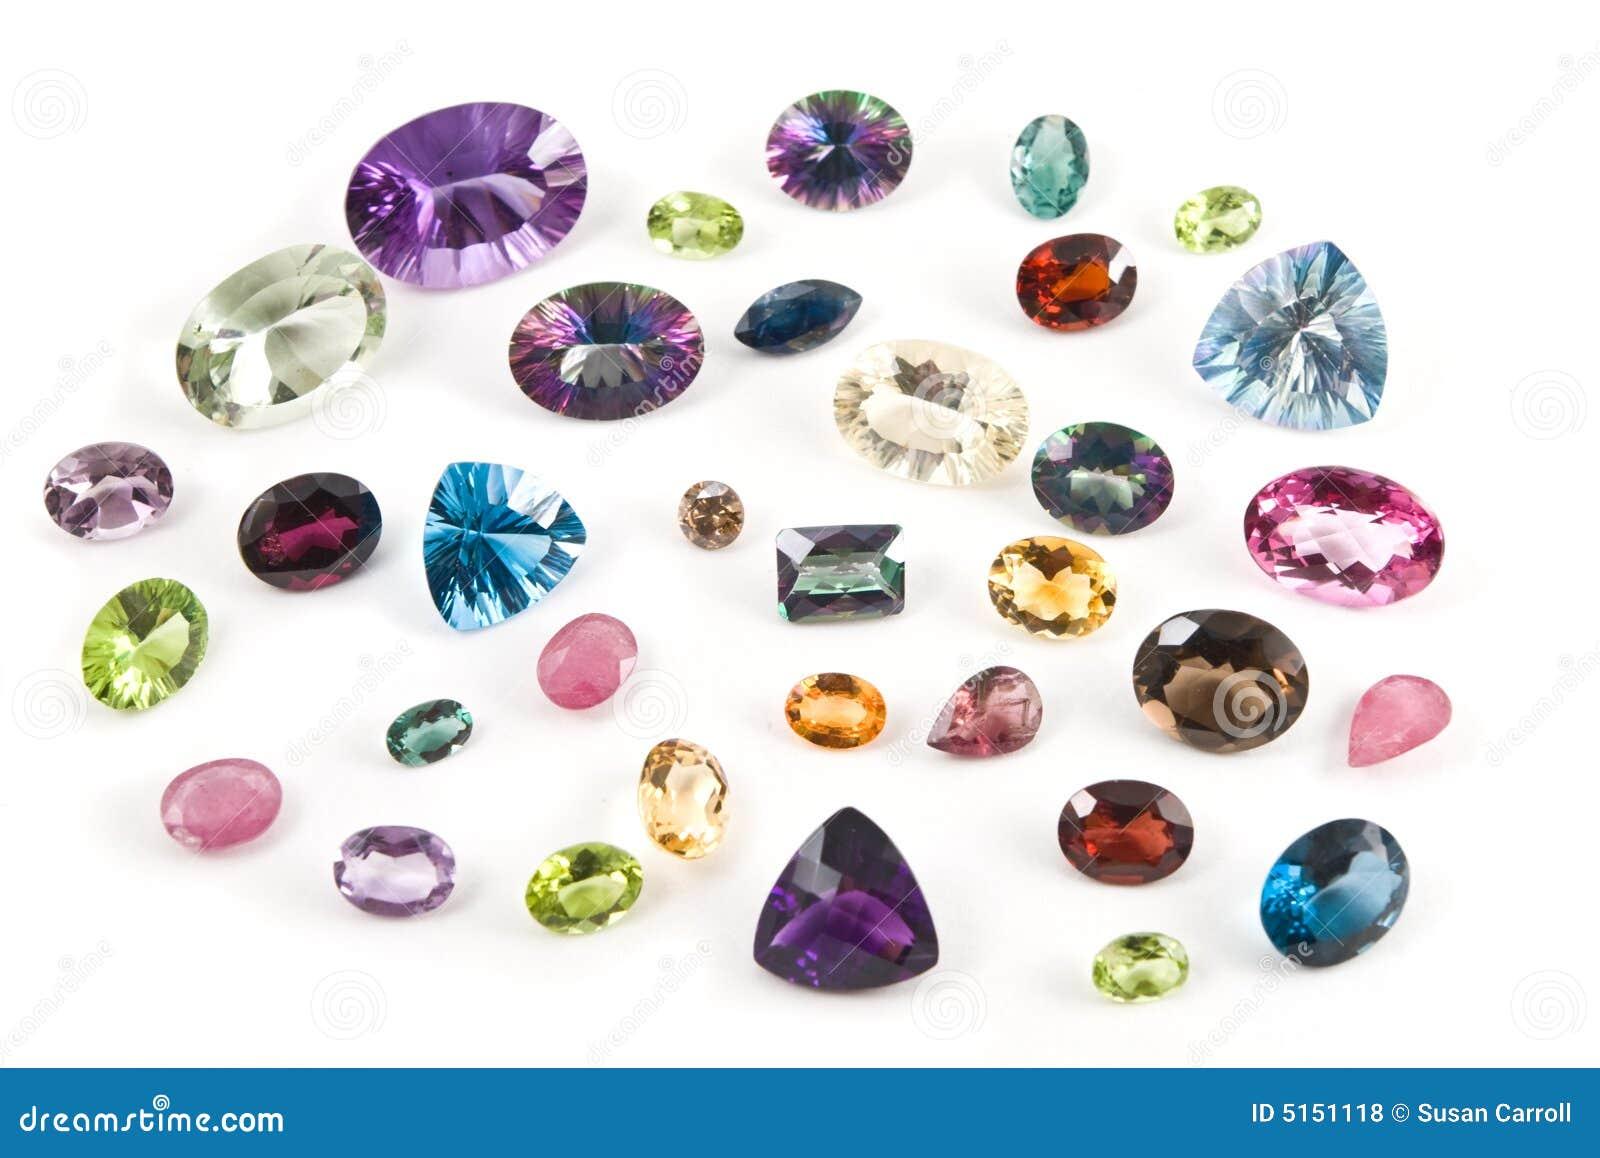 edelstenen en mineralen betekenis